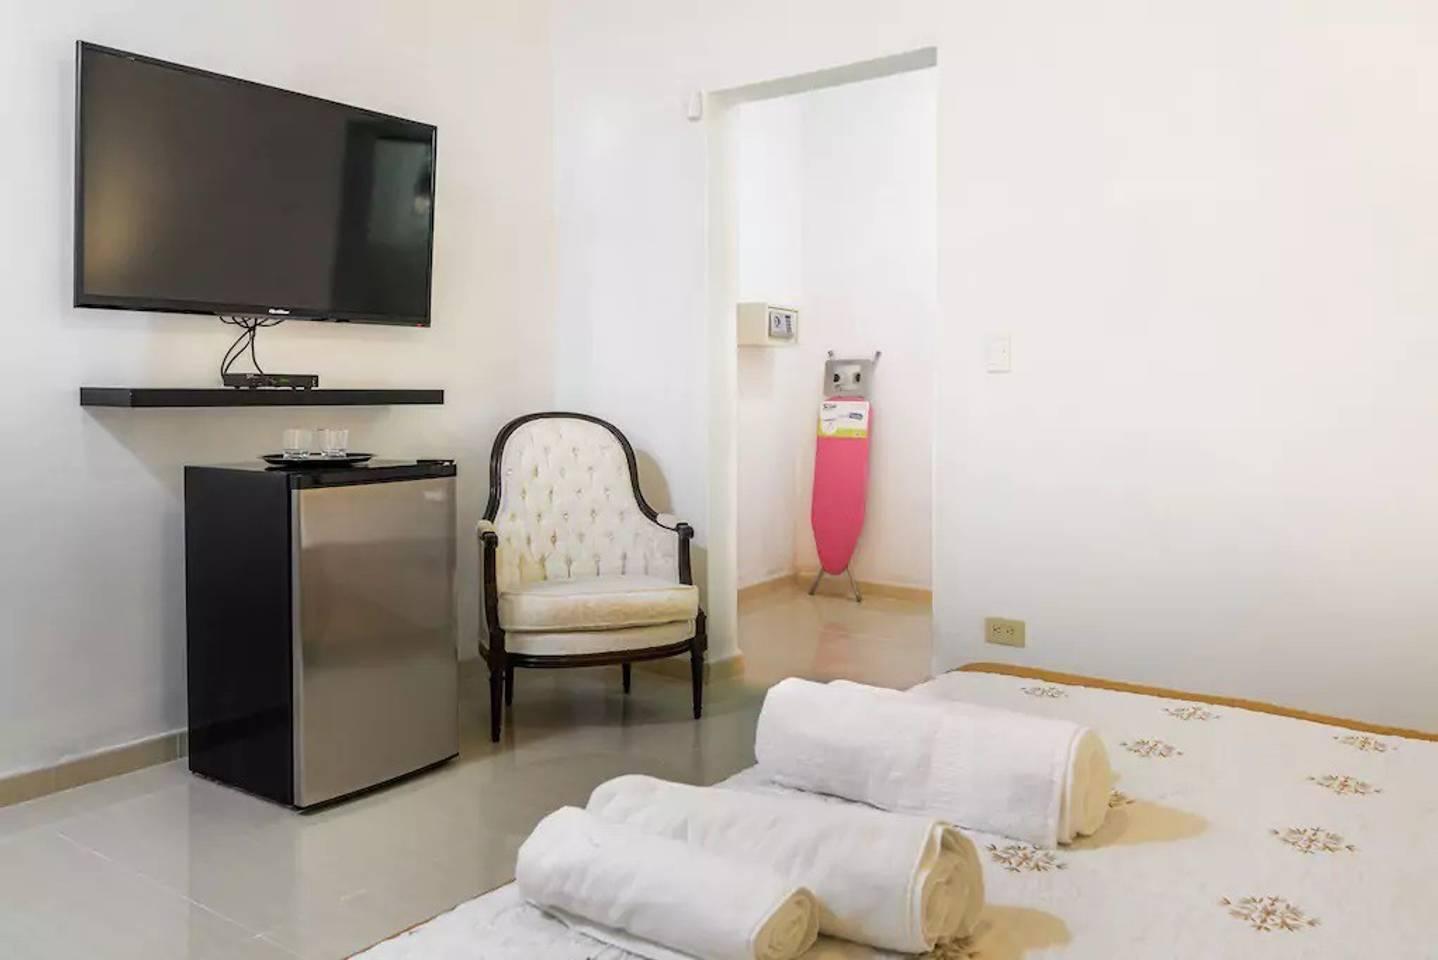 Villa Don Teto 8 Rooms: Luxury & Great Havana View photo 5325828